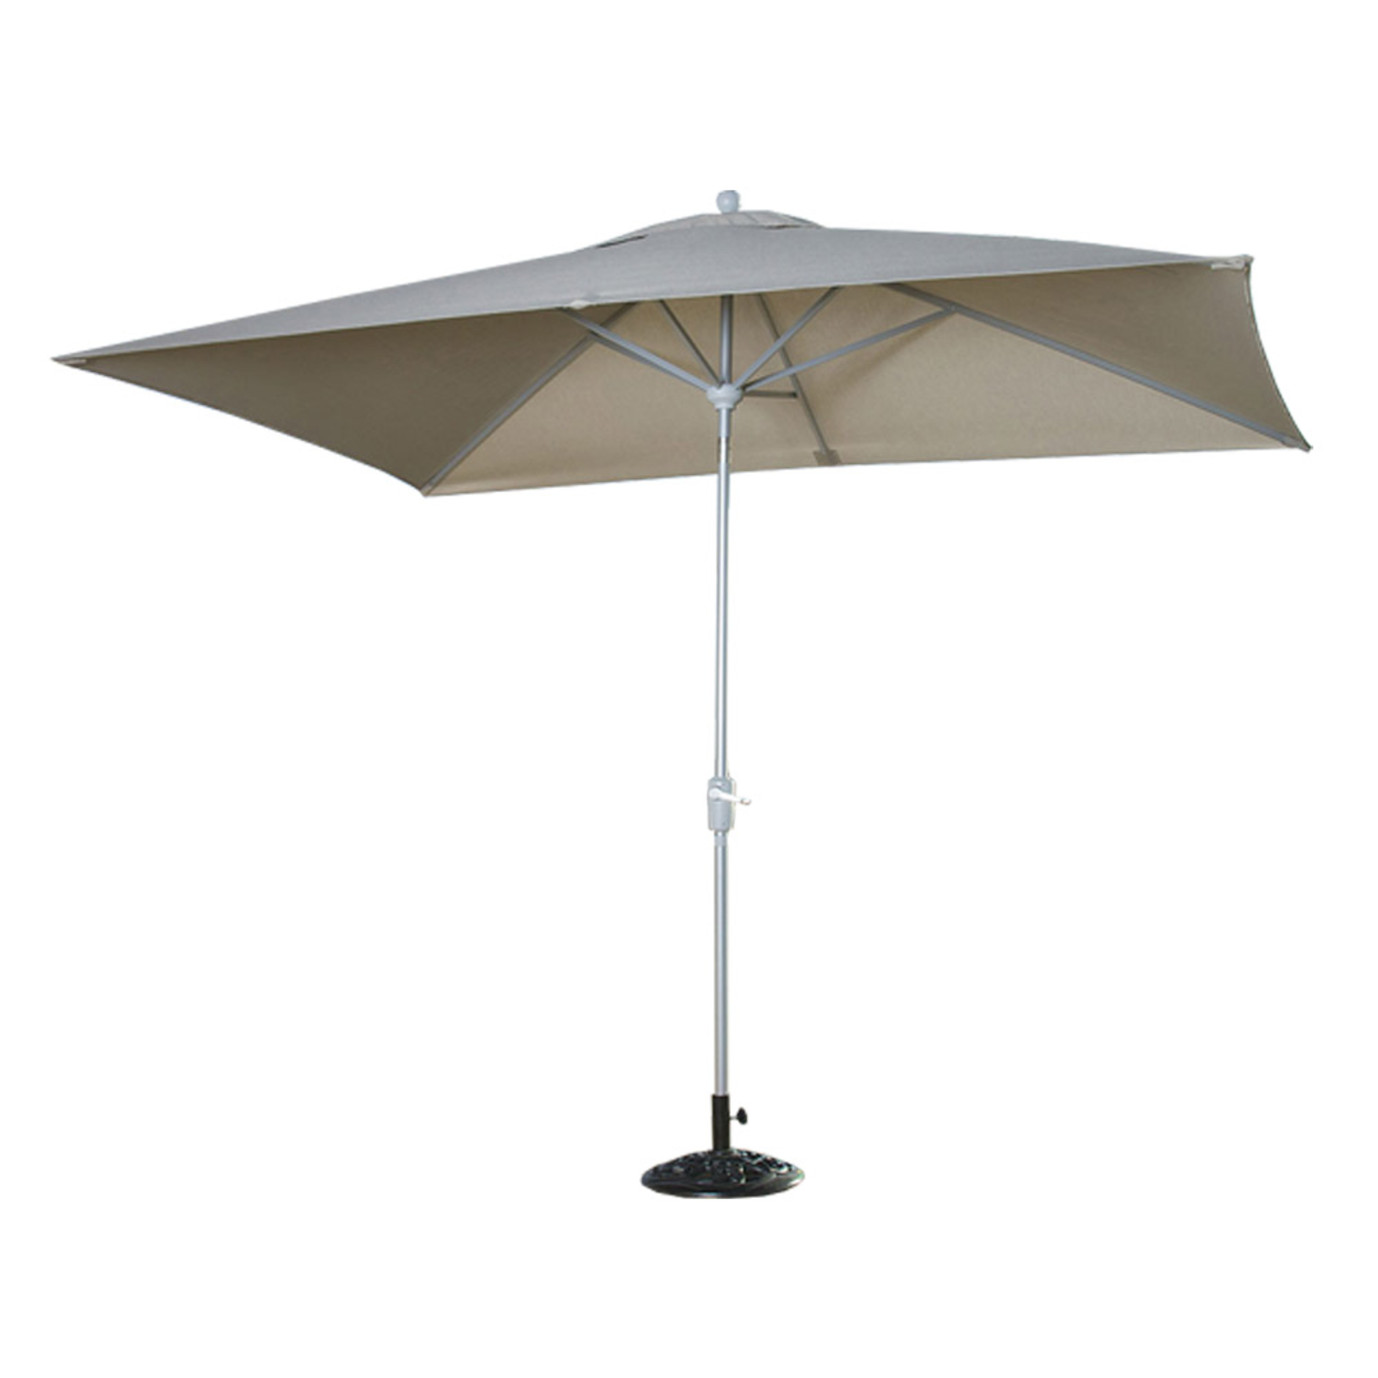 Portofino® Comfort Auto-Tilt Dining Umbrella - Taupe Mist